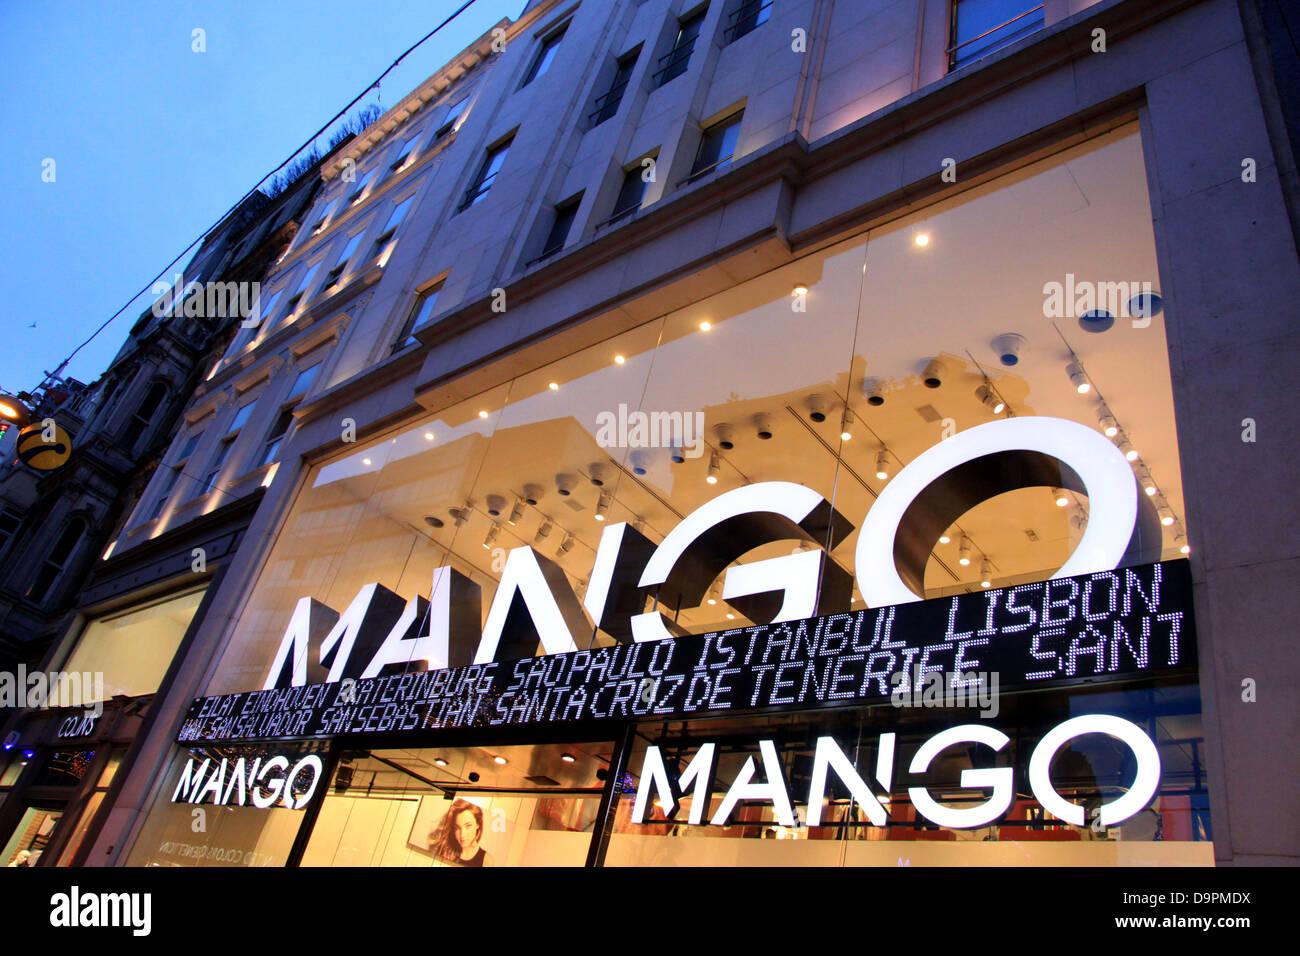 Mango fashion clothing store in Istanbul, Turkey Stock Photo